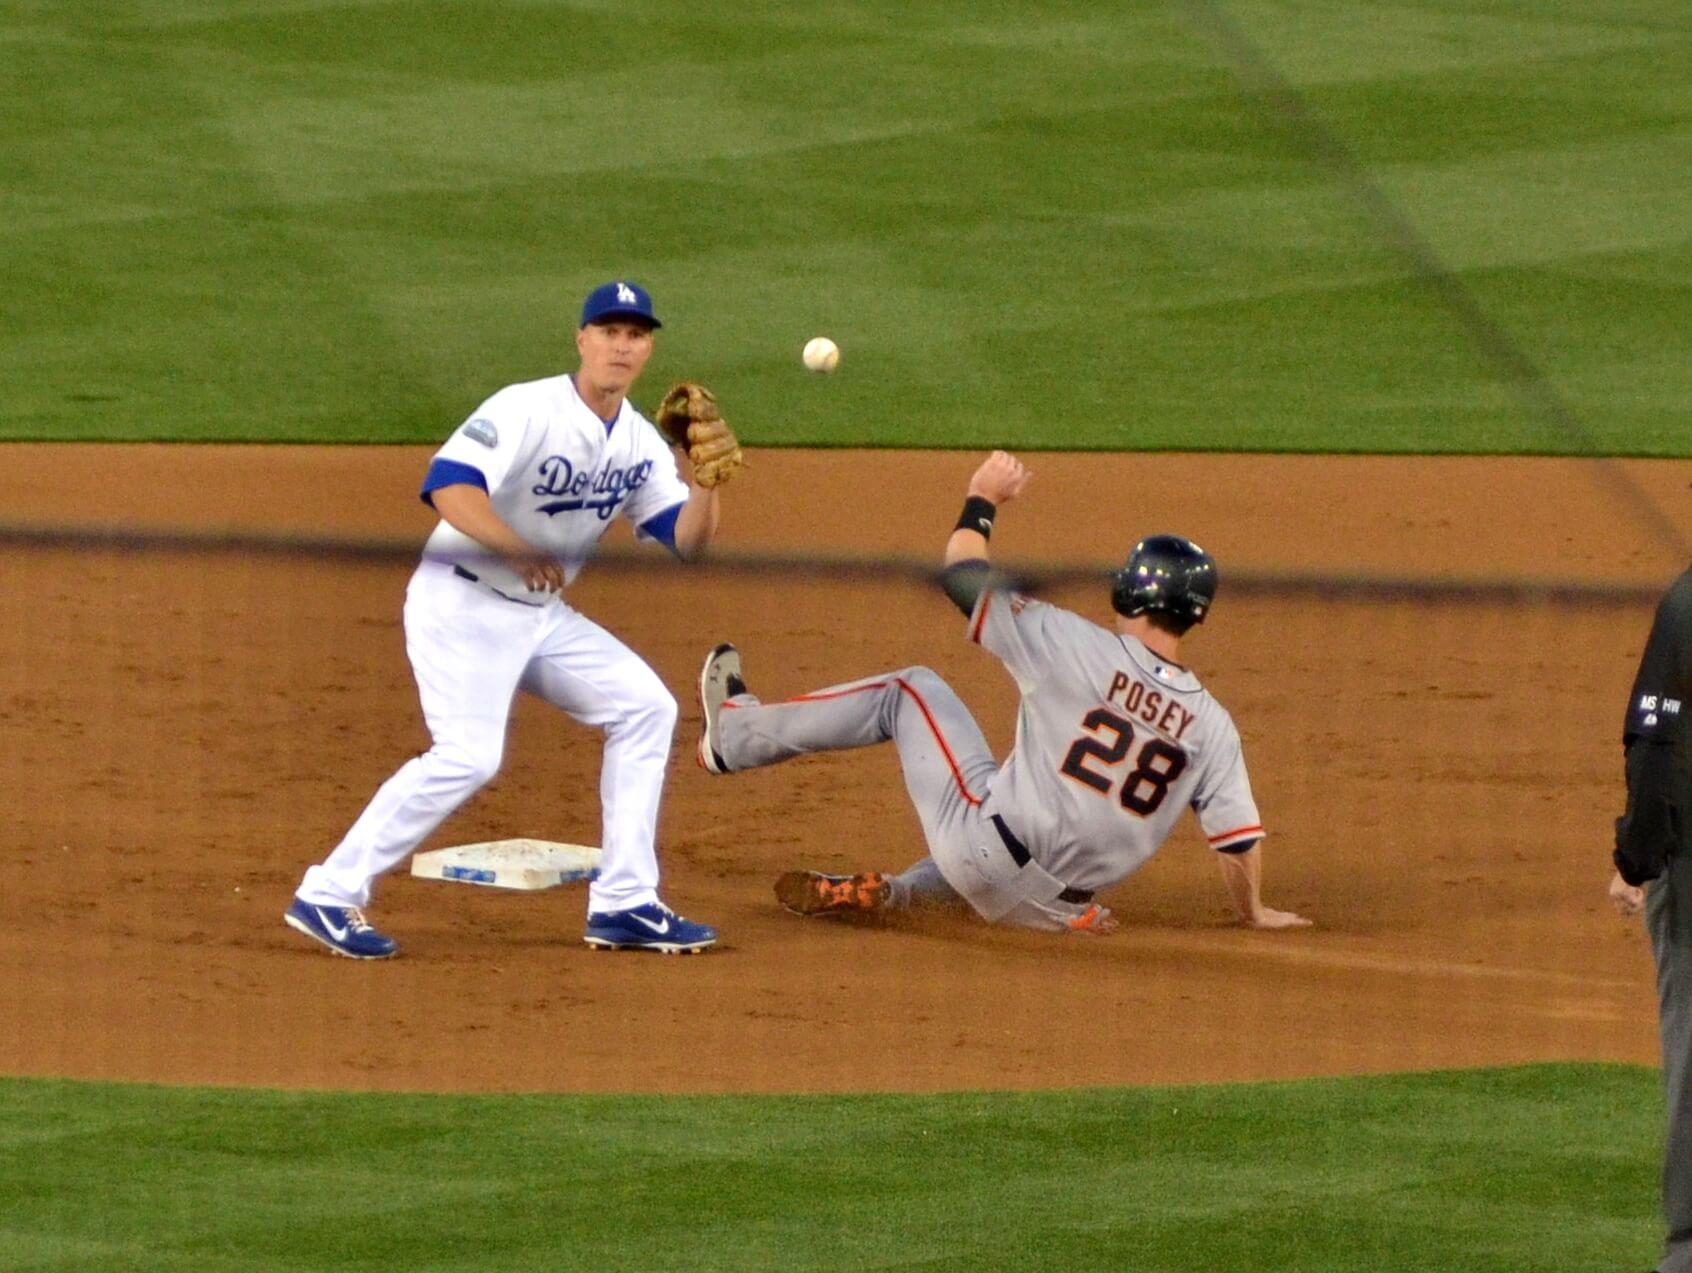 LA Dodgers vs SF Giants MLB baseball rivalry